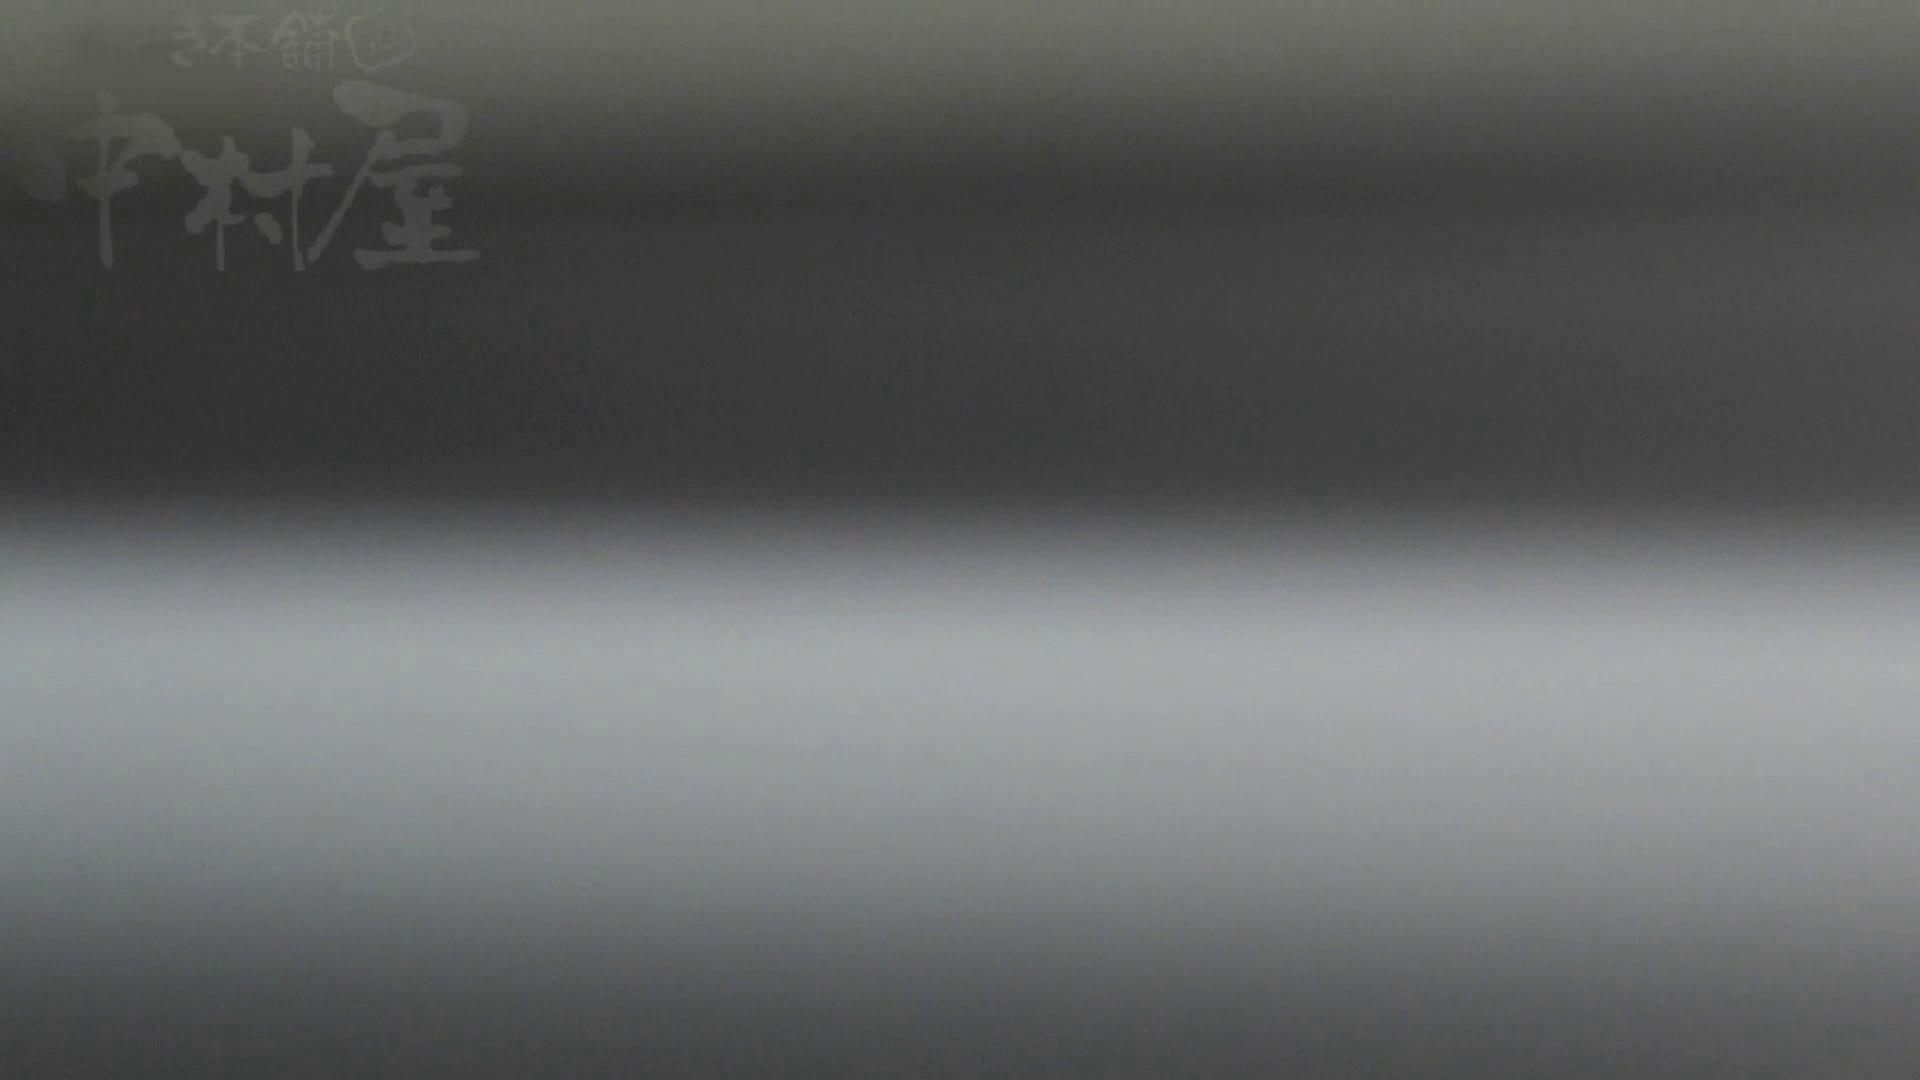 美しい日本の未来 No.22 未来進歩3 感動レベル予告のモデルつい登場か!! 盗撮映像  27Pix 9